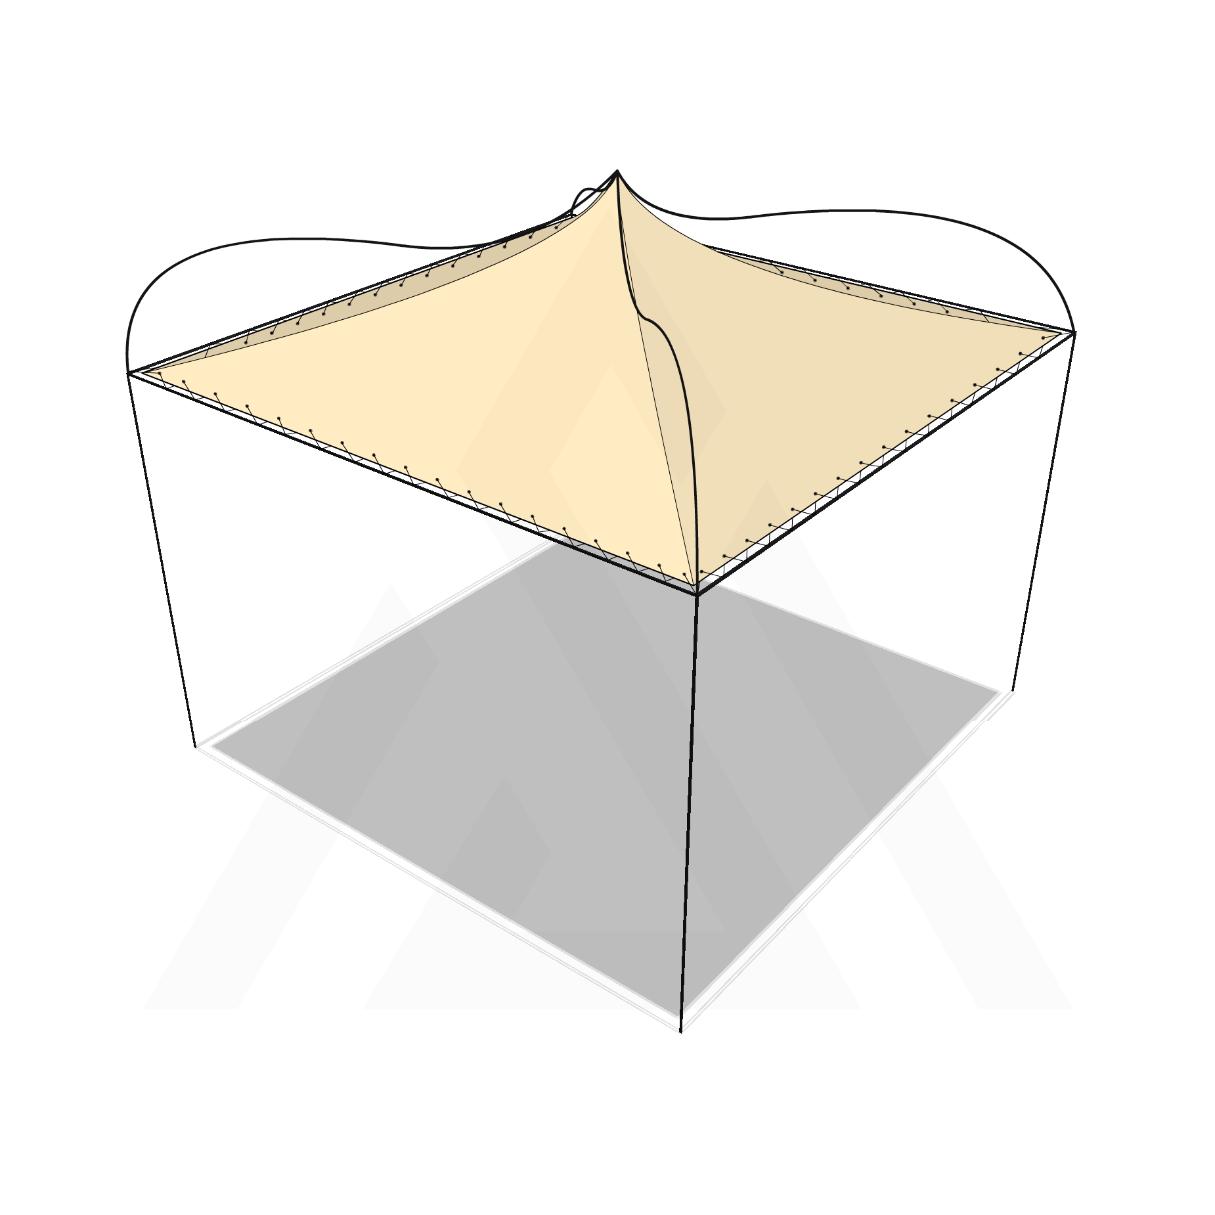 Bâche tonnelle carrée 4 pentes suspendue